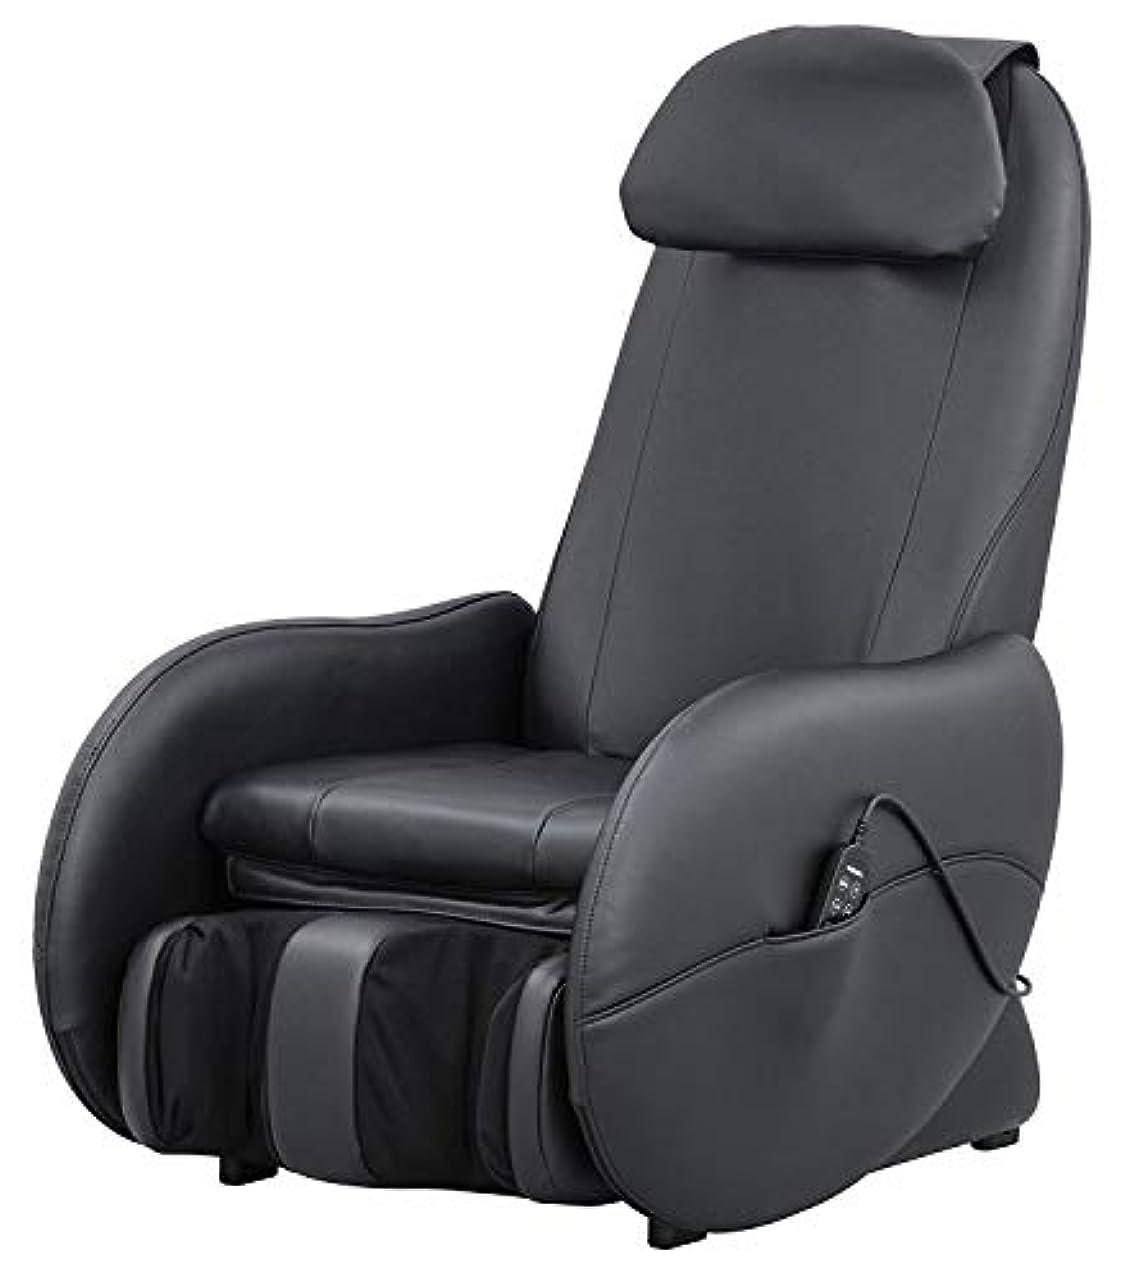 無駄な操る死ぬスライヴ くつろぎ指定席Light マッサージチェア CHD-3500-BK ブラック 正規品 おしゃれ コンパクト 小型